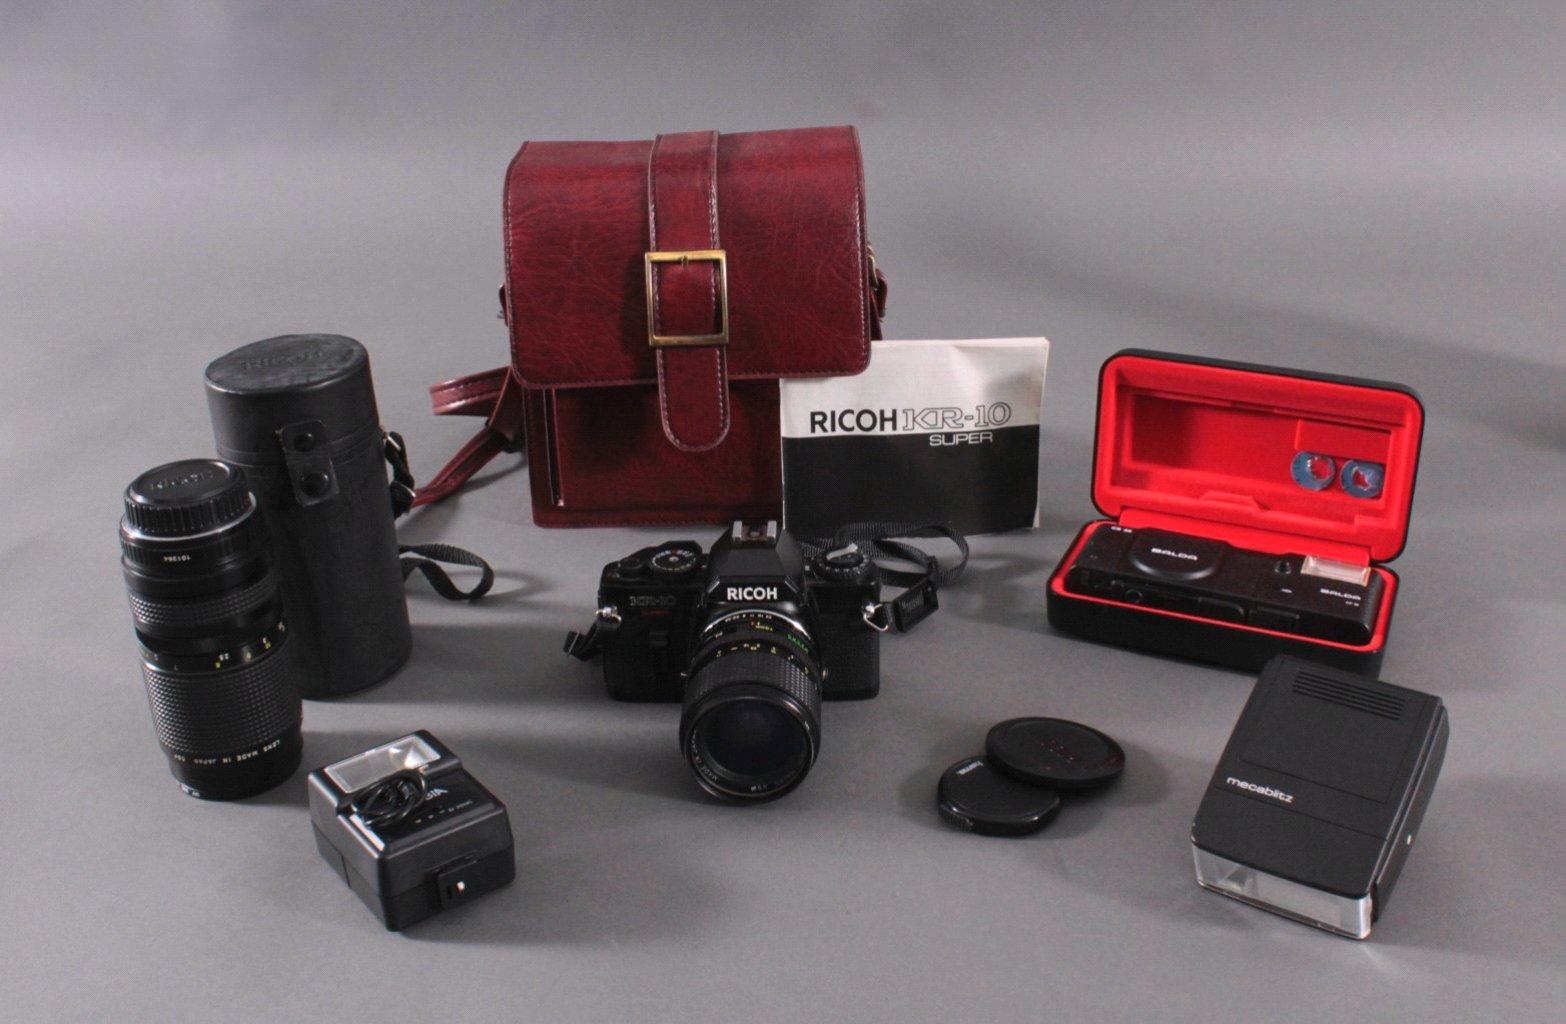 Richo XR-10 Fotoaparat mit Zubehör und Ledertsche